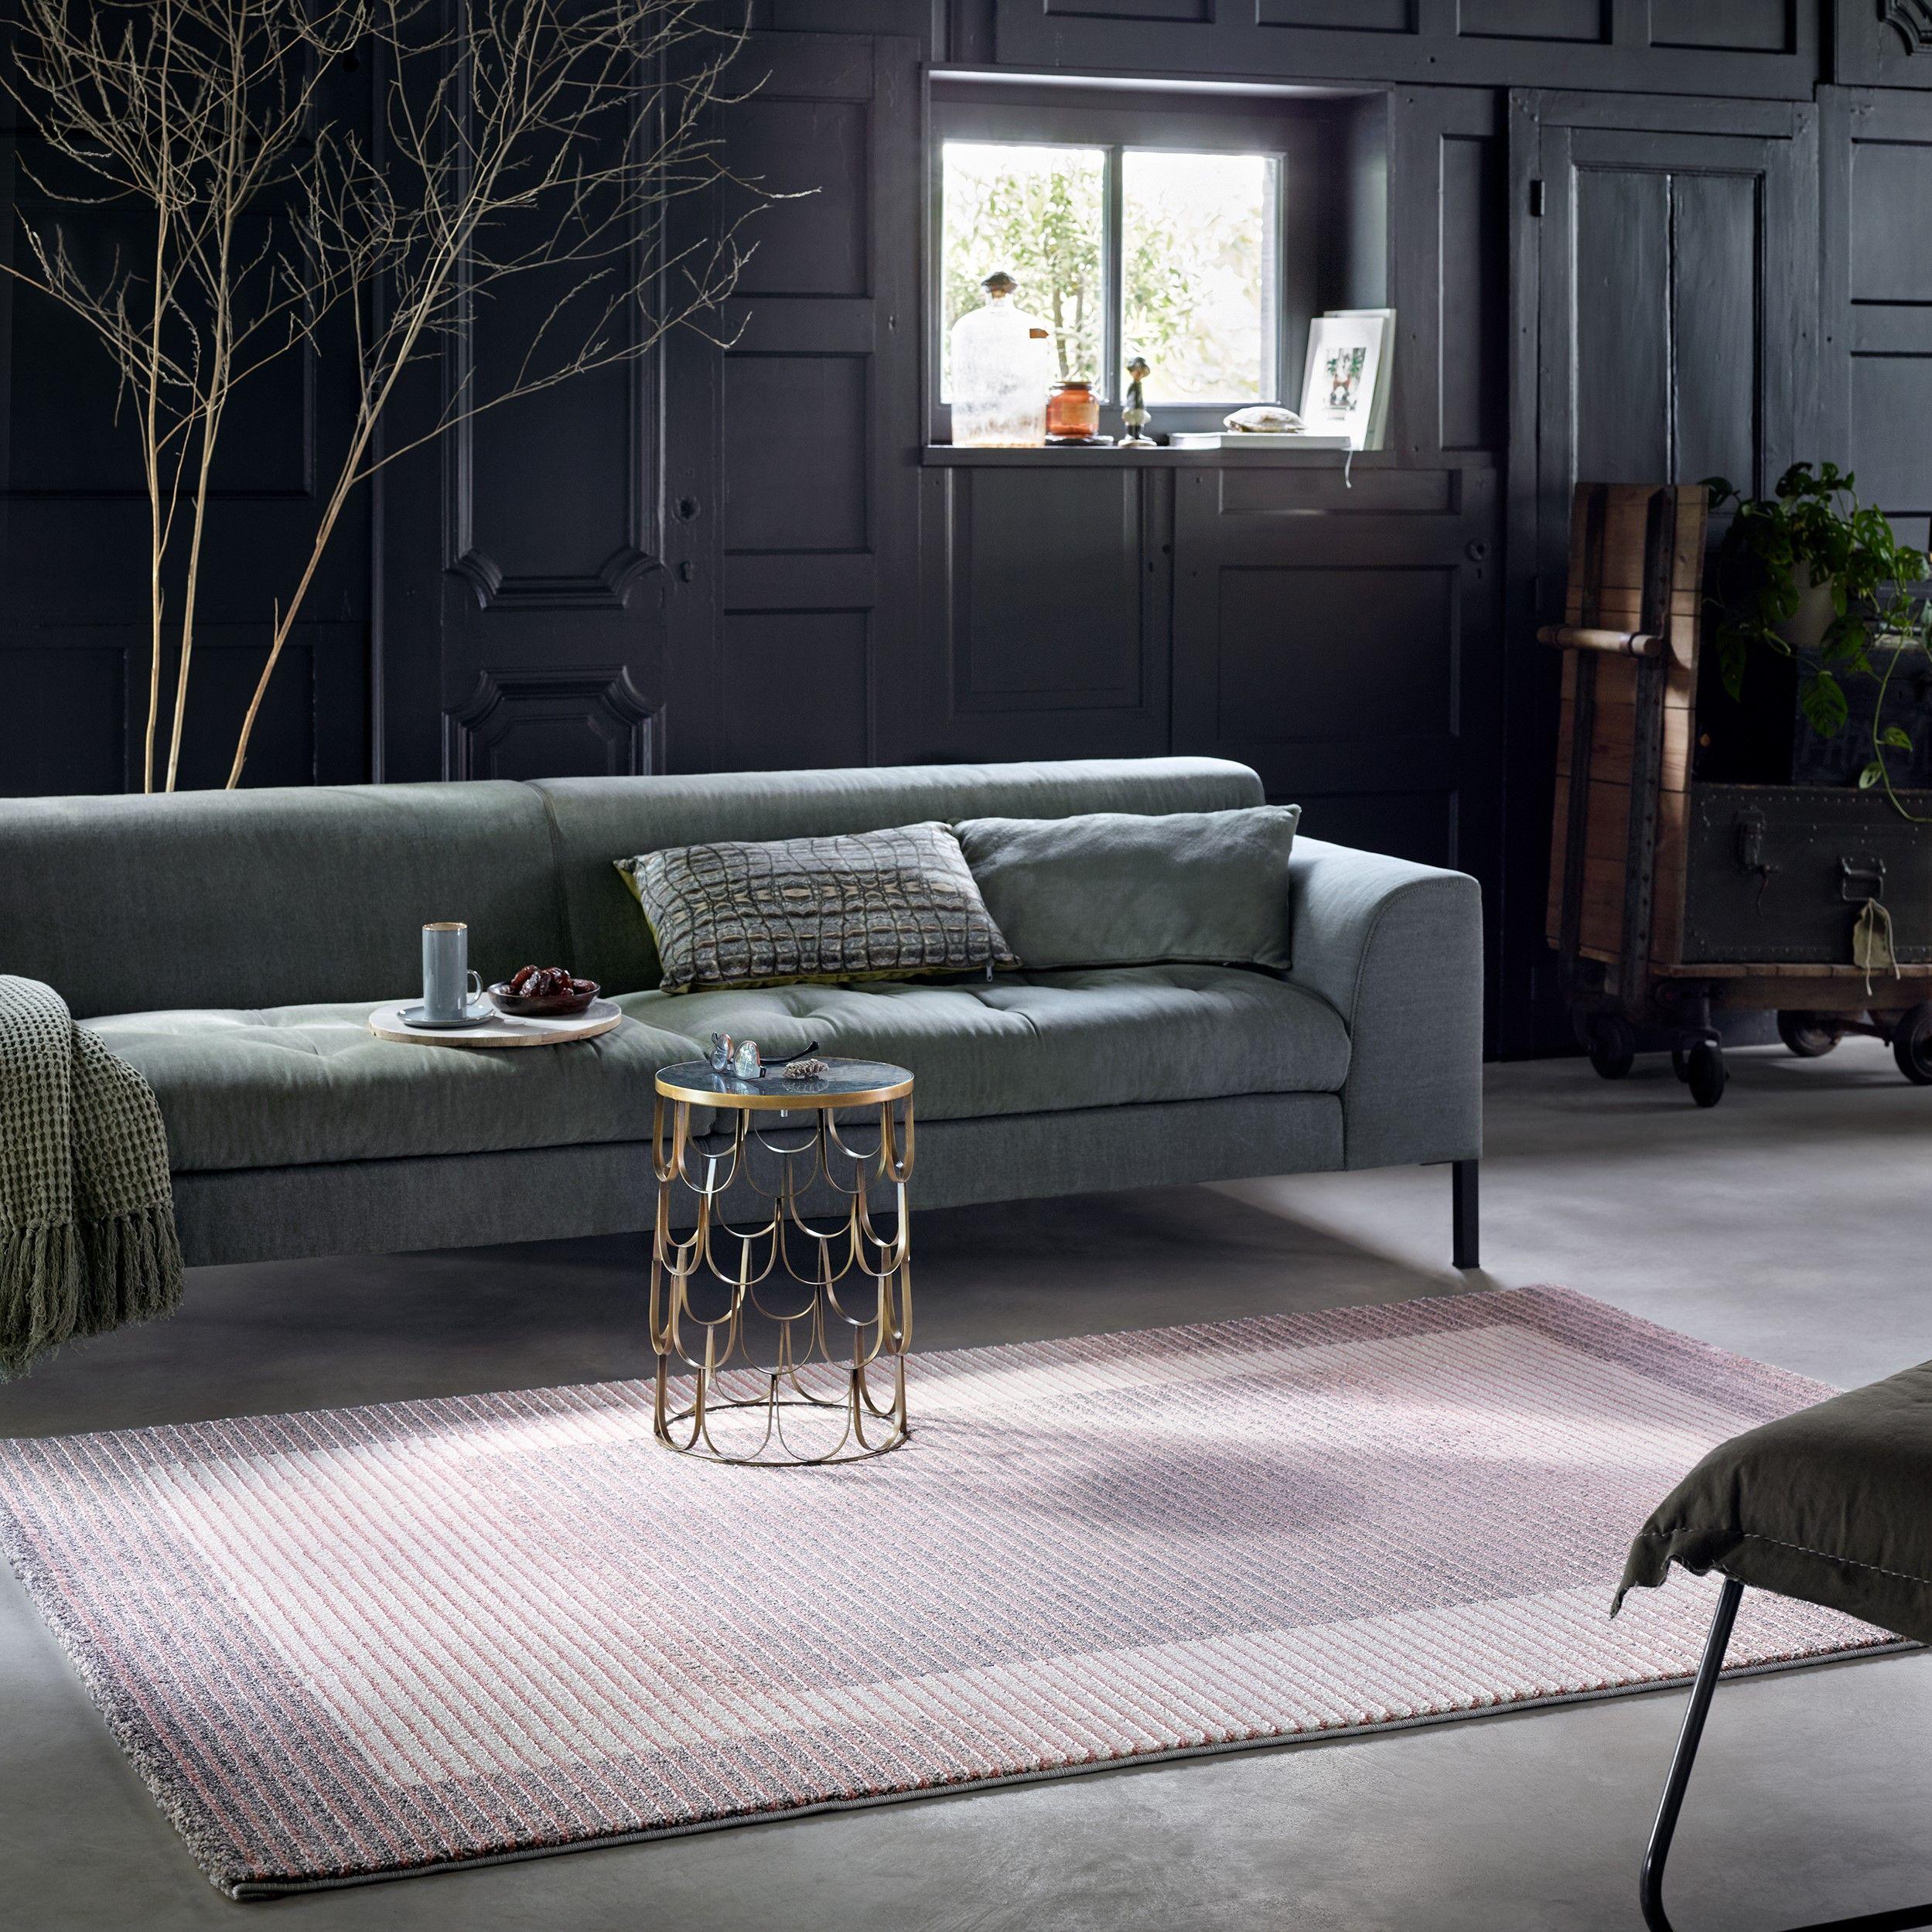 Teppich Rosa Grau Kurzflor Velvet Flow Wecon Home In 2020 Teppich Rosa Einrichtungsideen Fur Kleine Raume Innenarchitektur Wohnzimmer